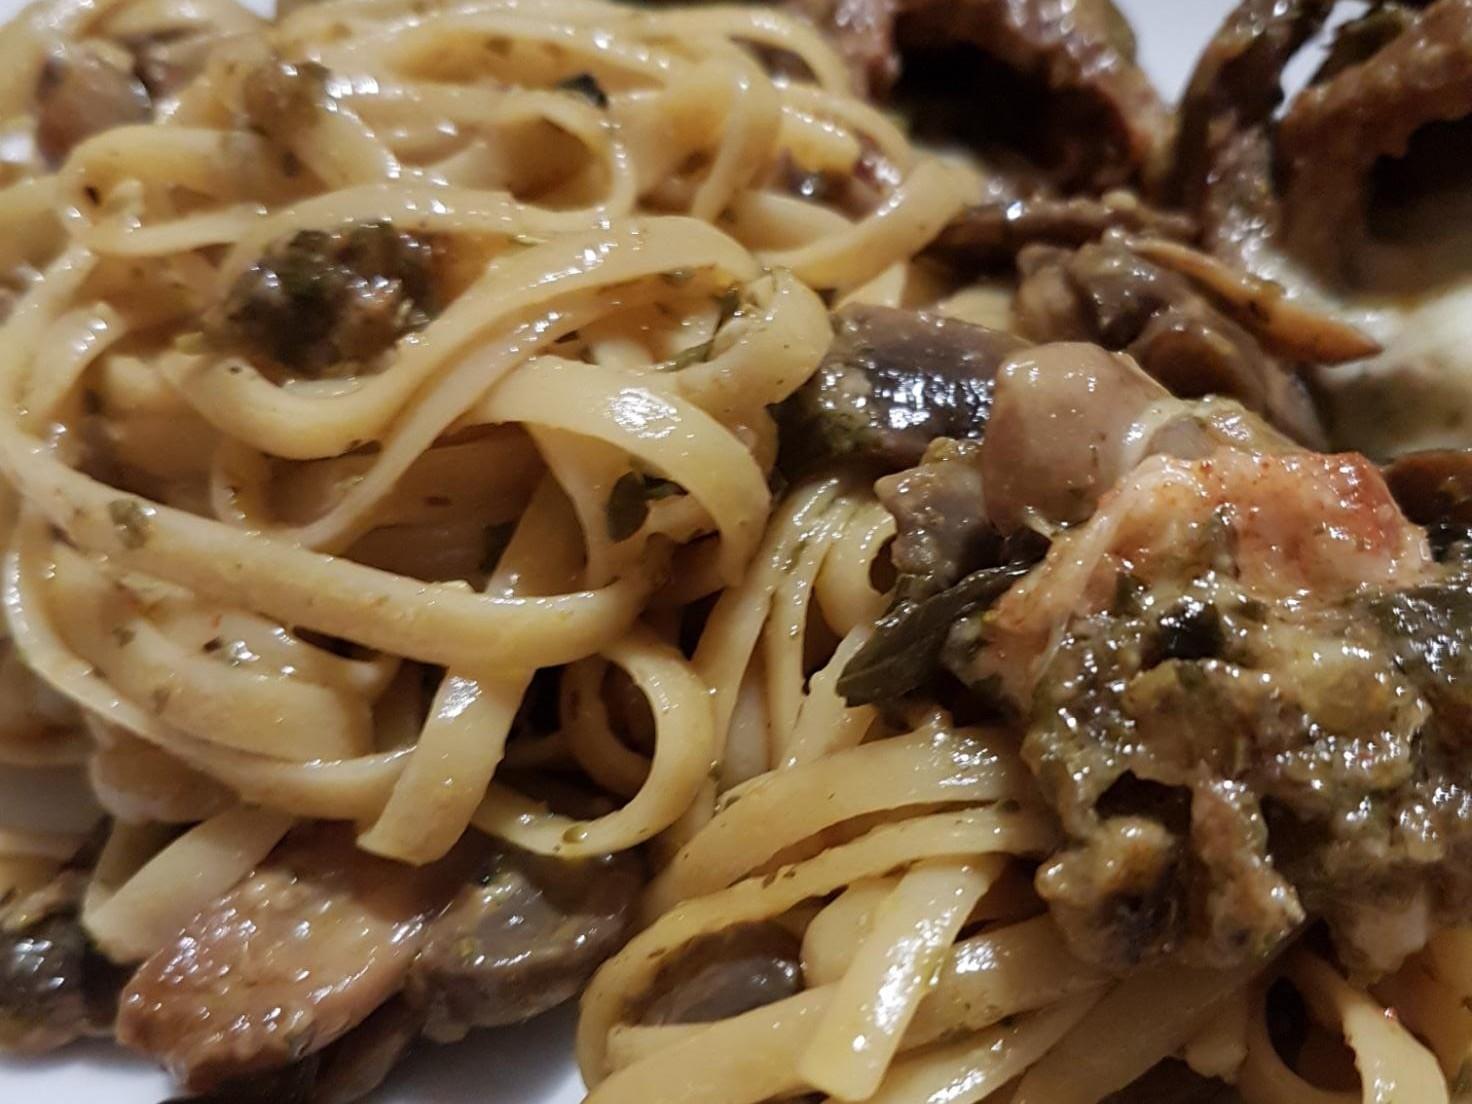 Immagine articolo: La mia ricetta è: linguine al sugo di champignon e manzo. Ecco ingredienti e come prepararle